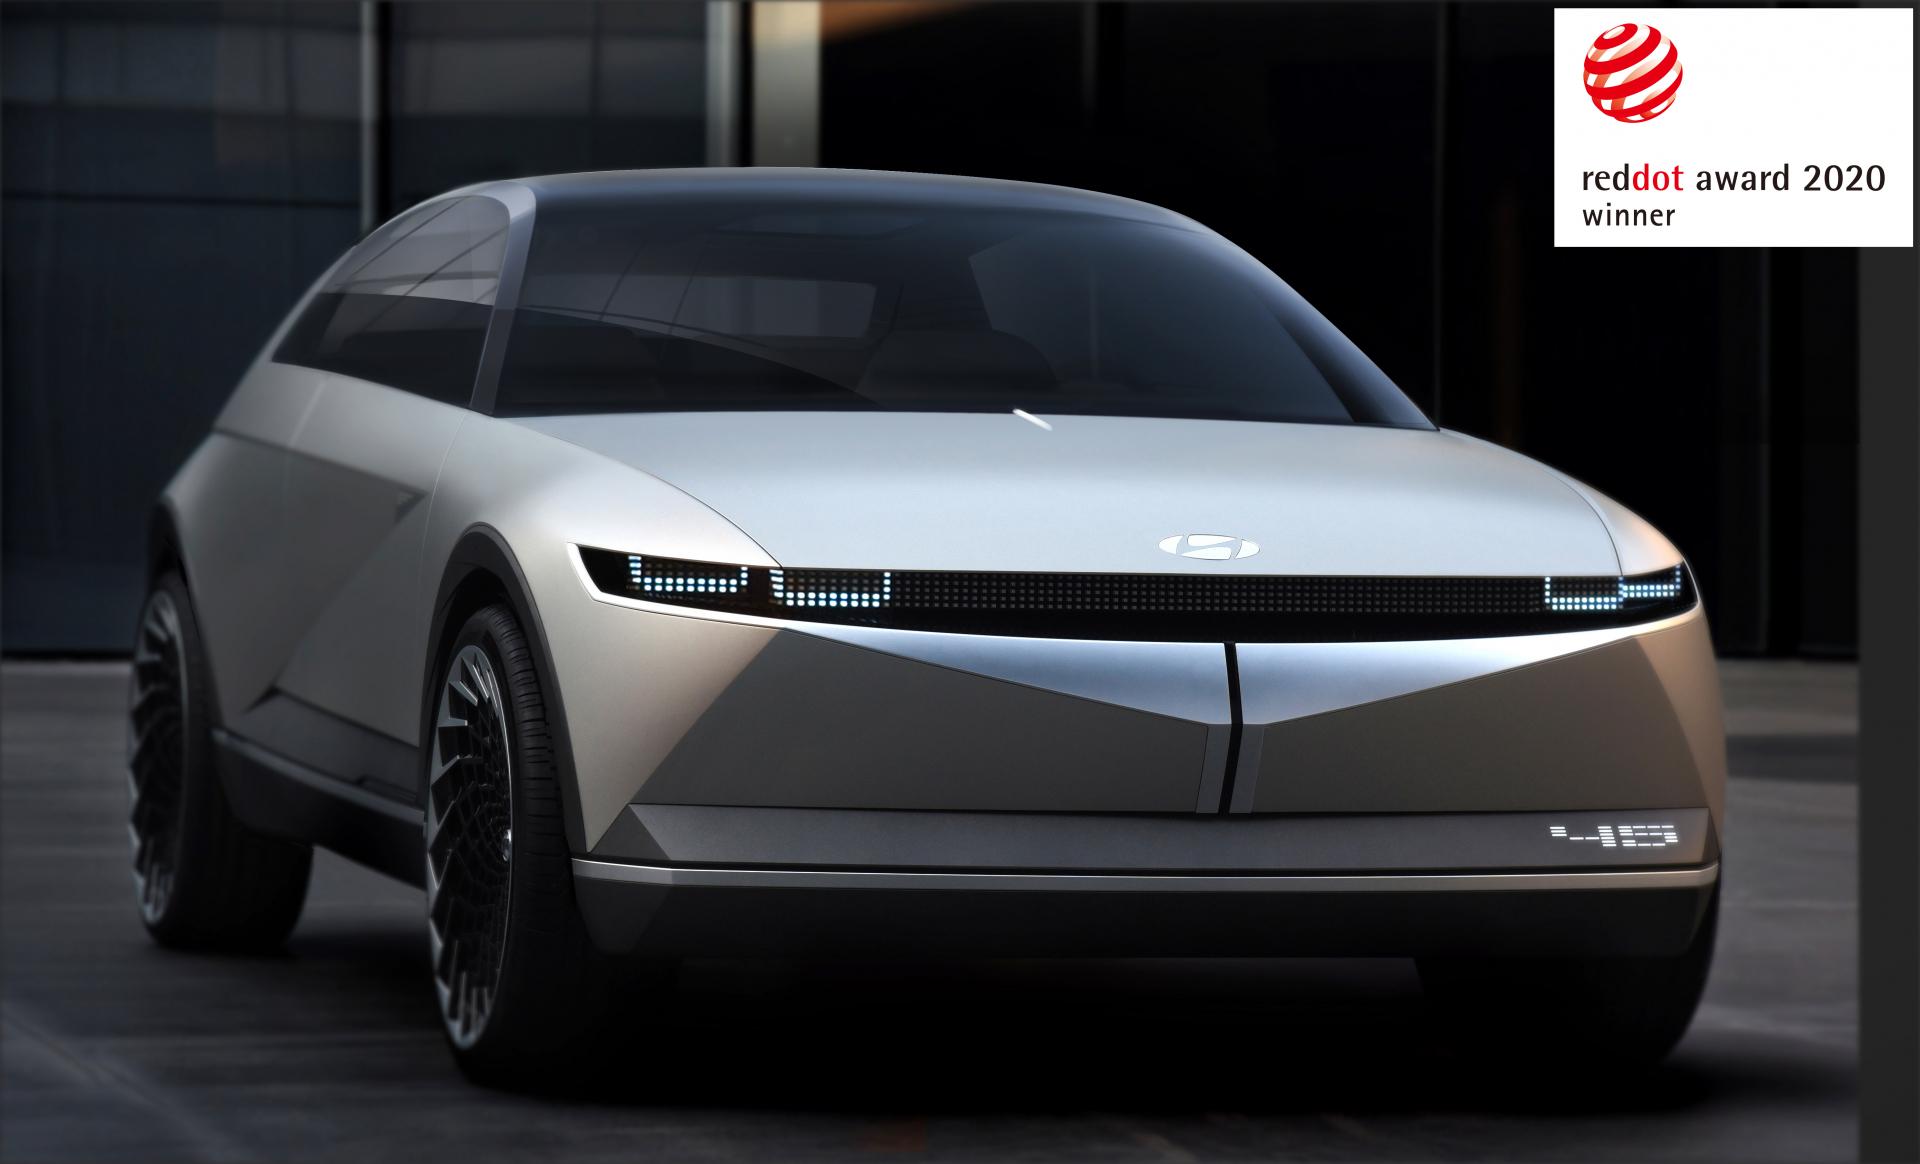 Компанія Hyundai Motor отримала три нагороди Red Dot Award 2020 за концептуальний дизайн | Авто Лідер Захід - фото 9